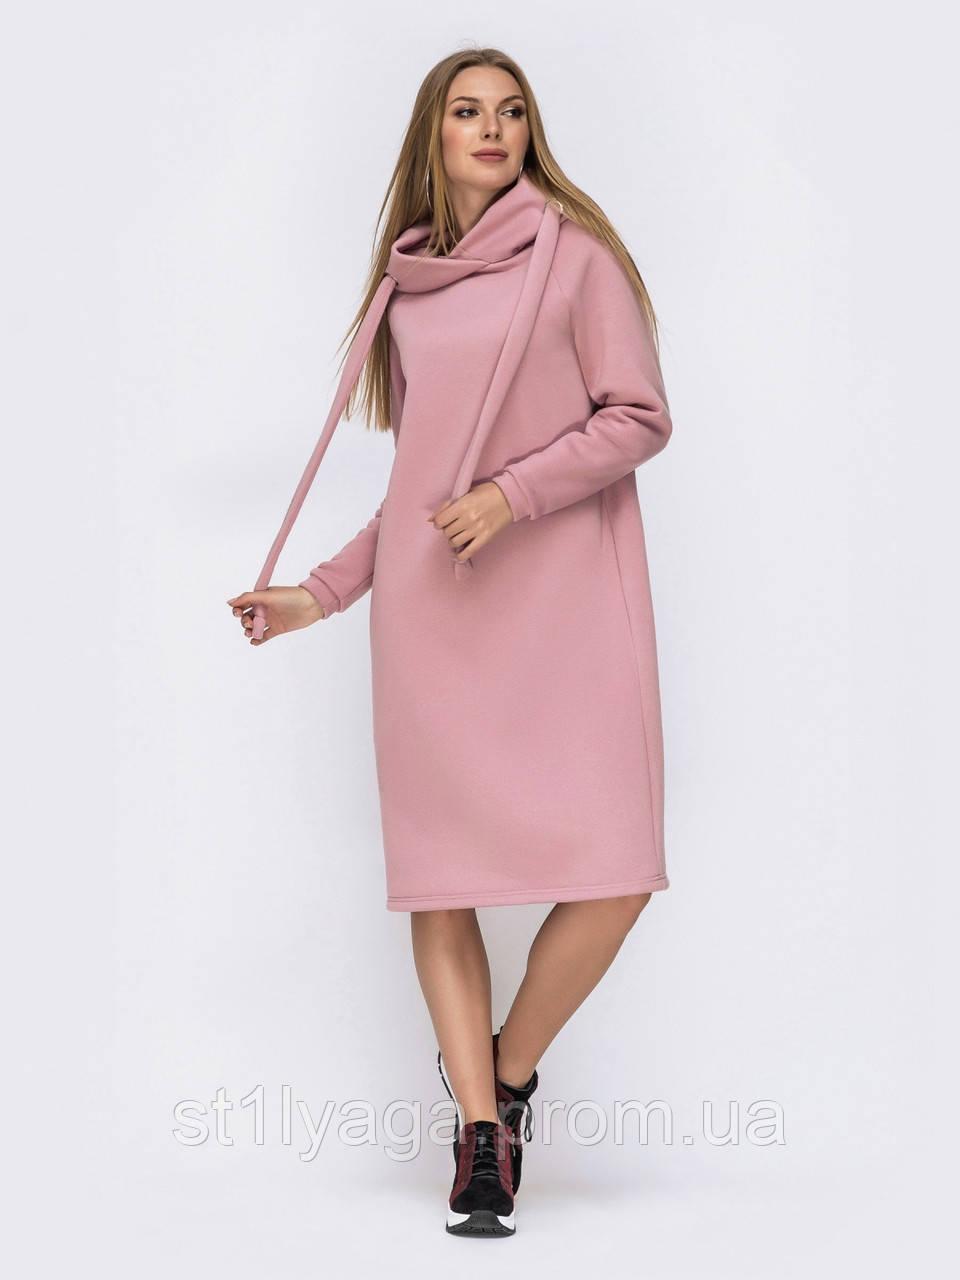 Платье на флисе в  стиле oversize с капюшоном